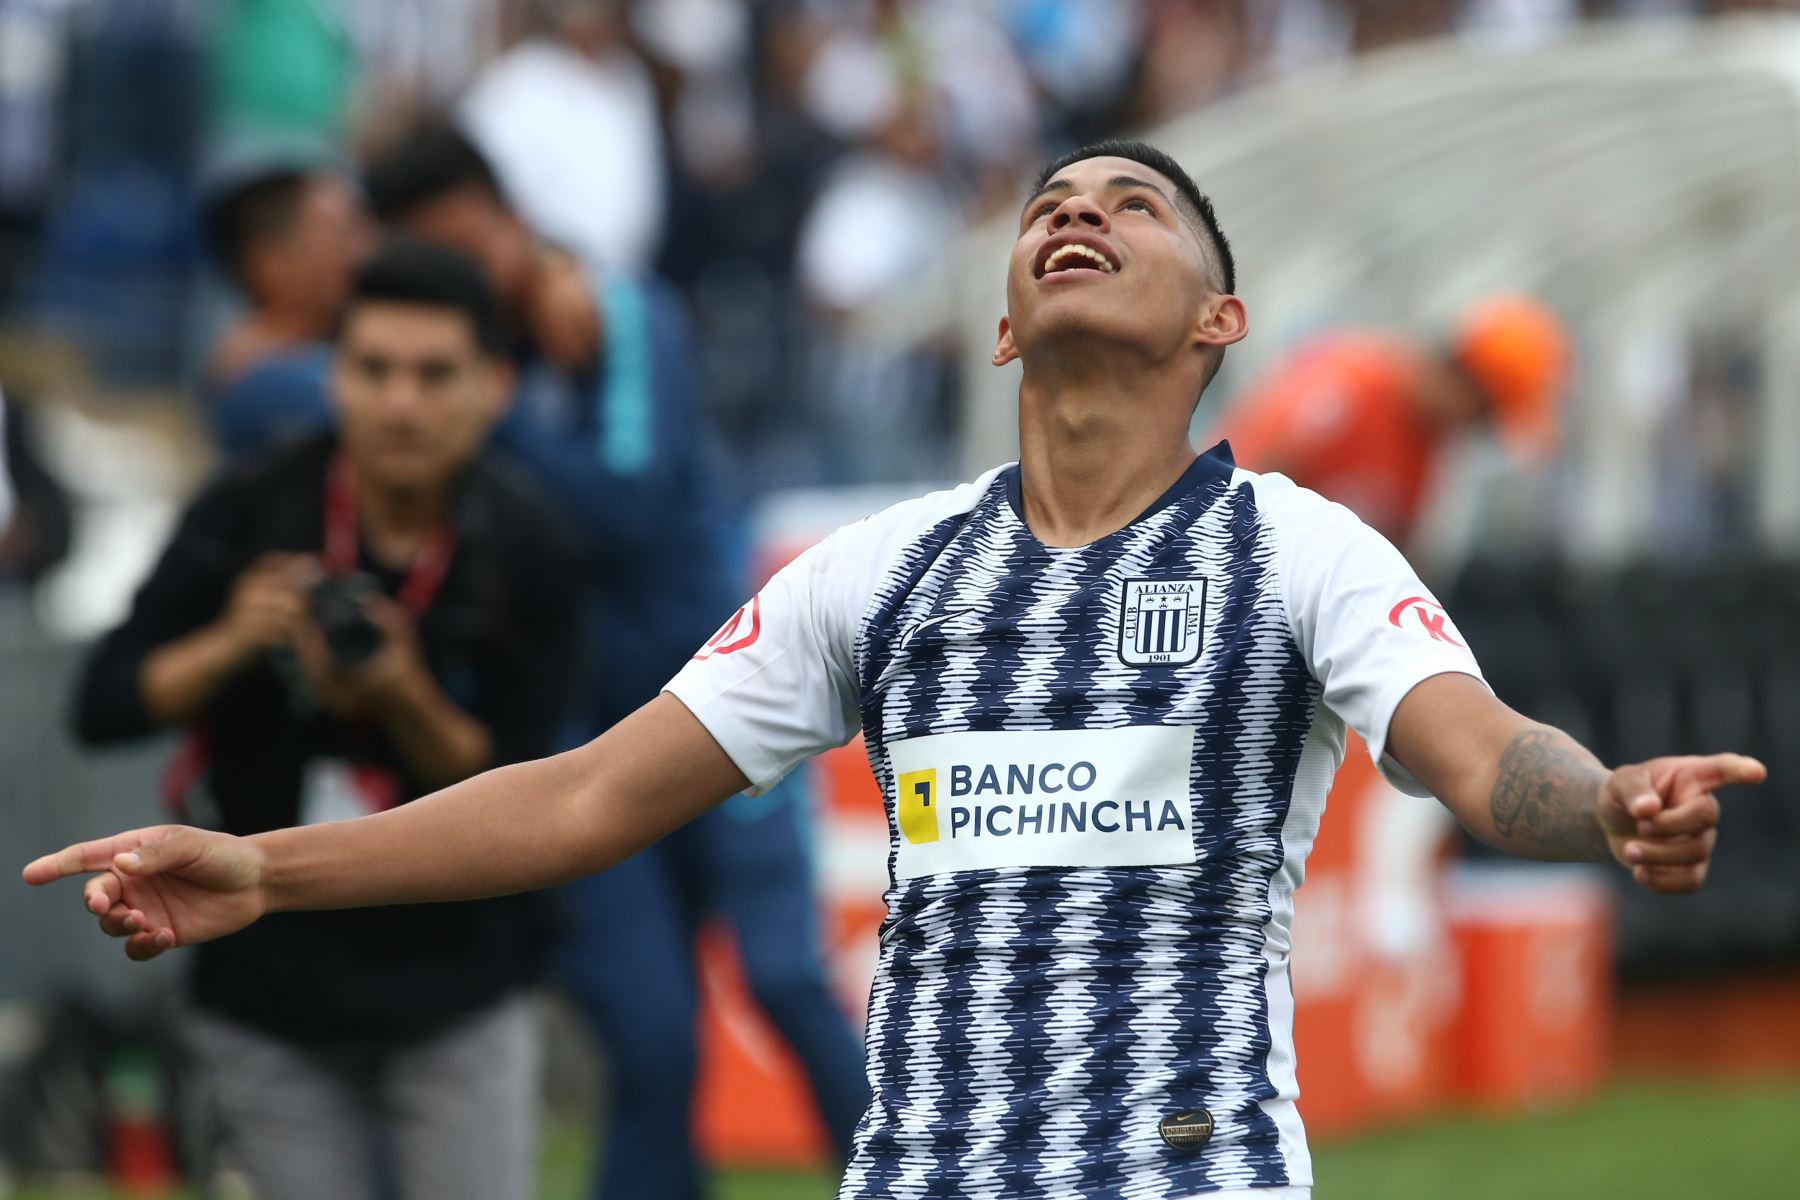 Kevin Quevedo celebra el gol de Alianza Lima ante  Sport Huancayo por la fecha 16 del Torneo Clausura de la Liga 1en el estadio Alejandro Villanueva de La Victoria. Foto: ANDINA/Vidal Tarqui